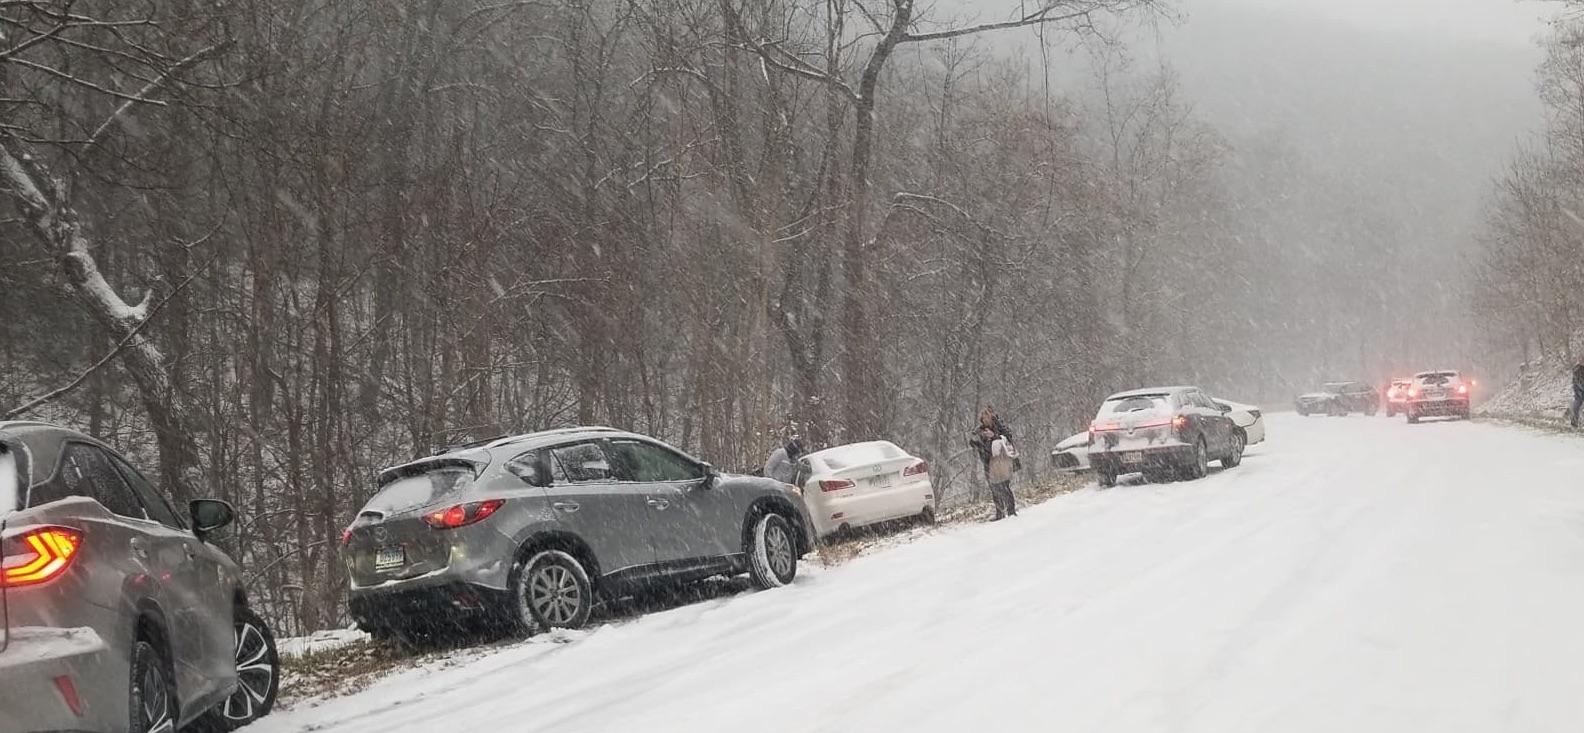 Winter Weather Settles Across The Blue Ridge : Roads